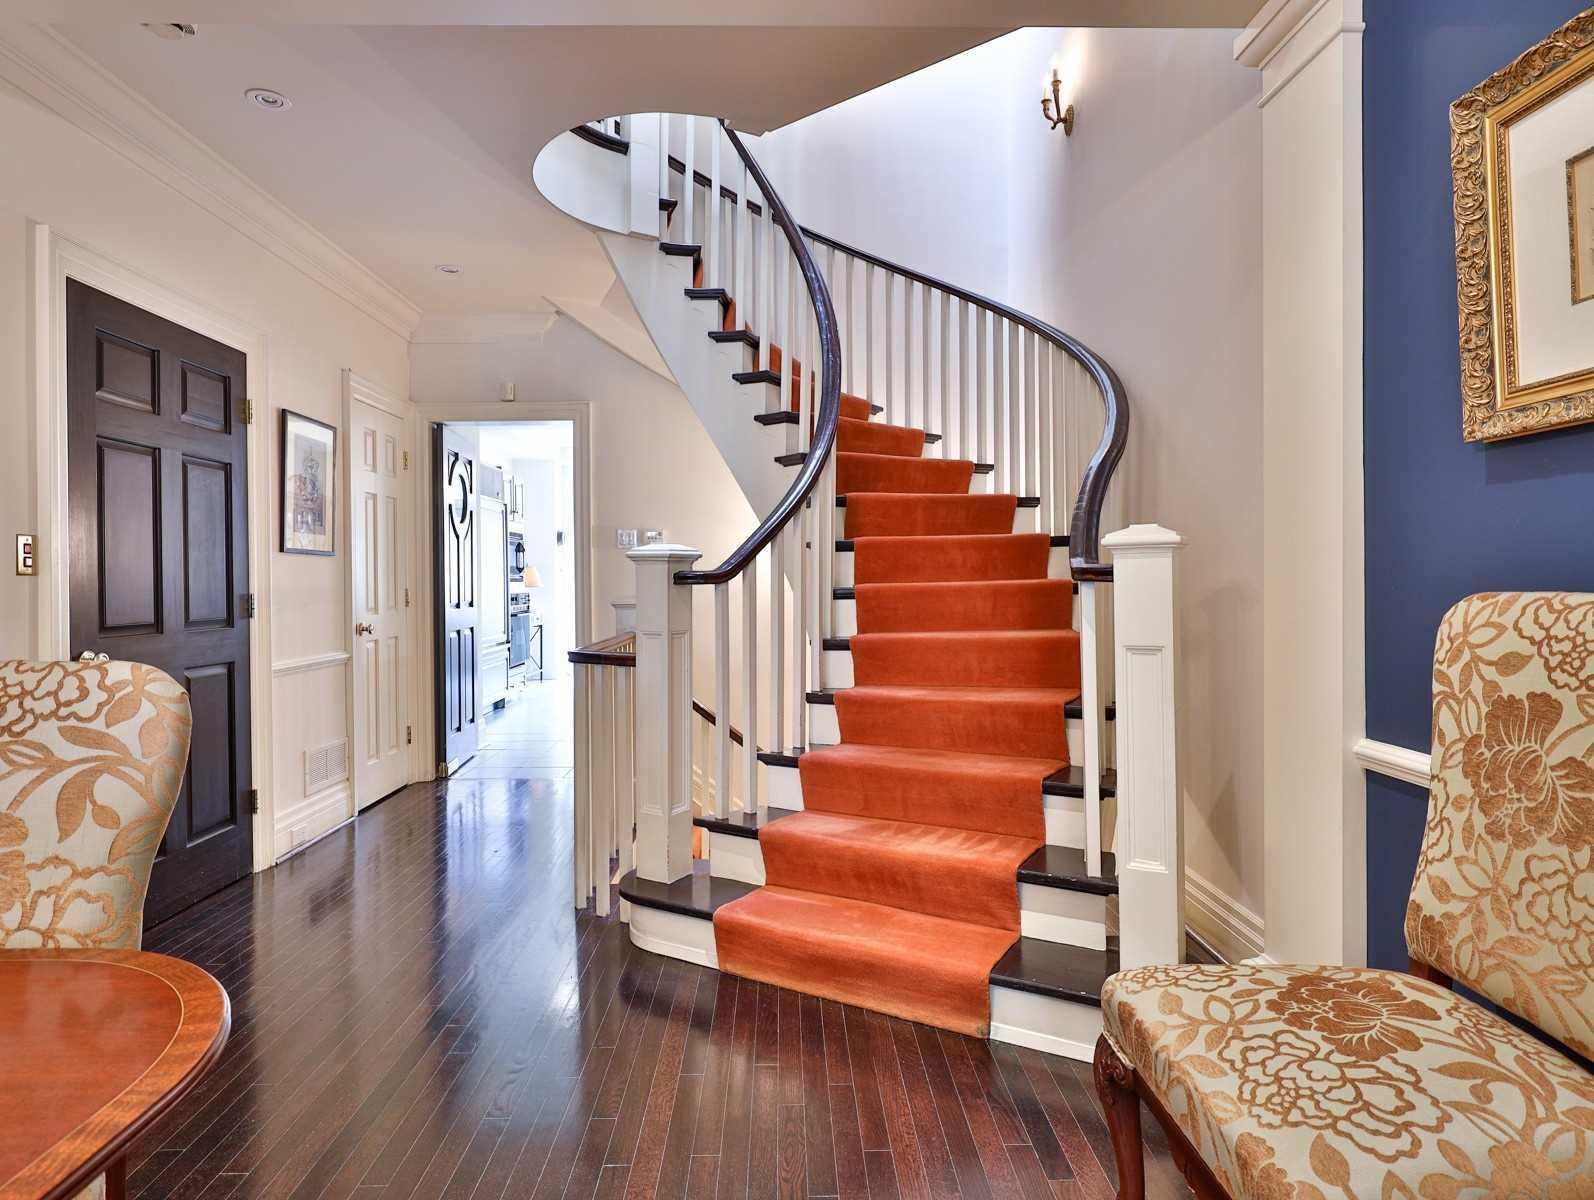 236 Walmer Rd, Toronto, Ontario M5R3R7, 3 Bedrooms Bedrooms, 8 Rooms Rooms,5 BathroomsBathrooms,Att/Row/Twnhouse,For Sale,Walmer,C4944652